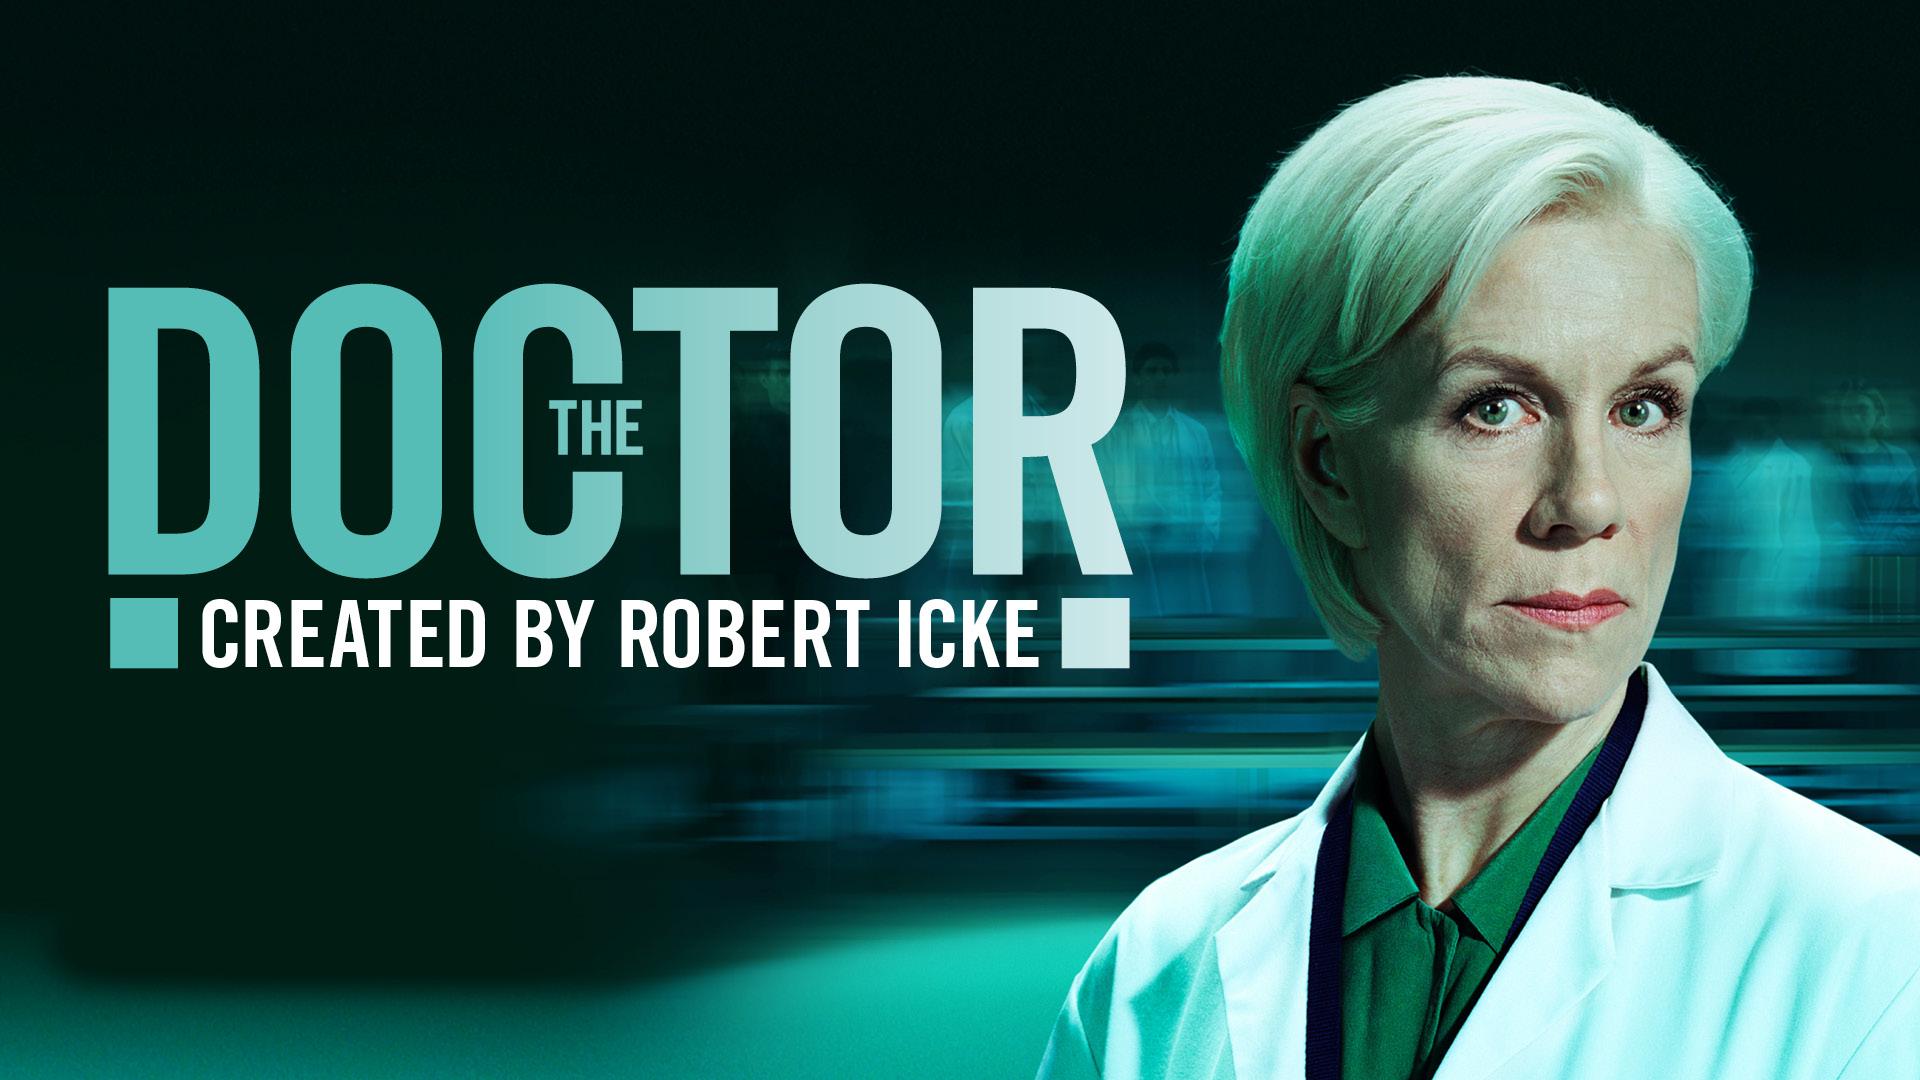 title artwork for The doctor starring Juliet Stevenson